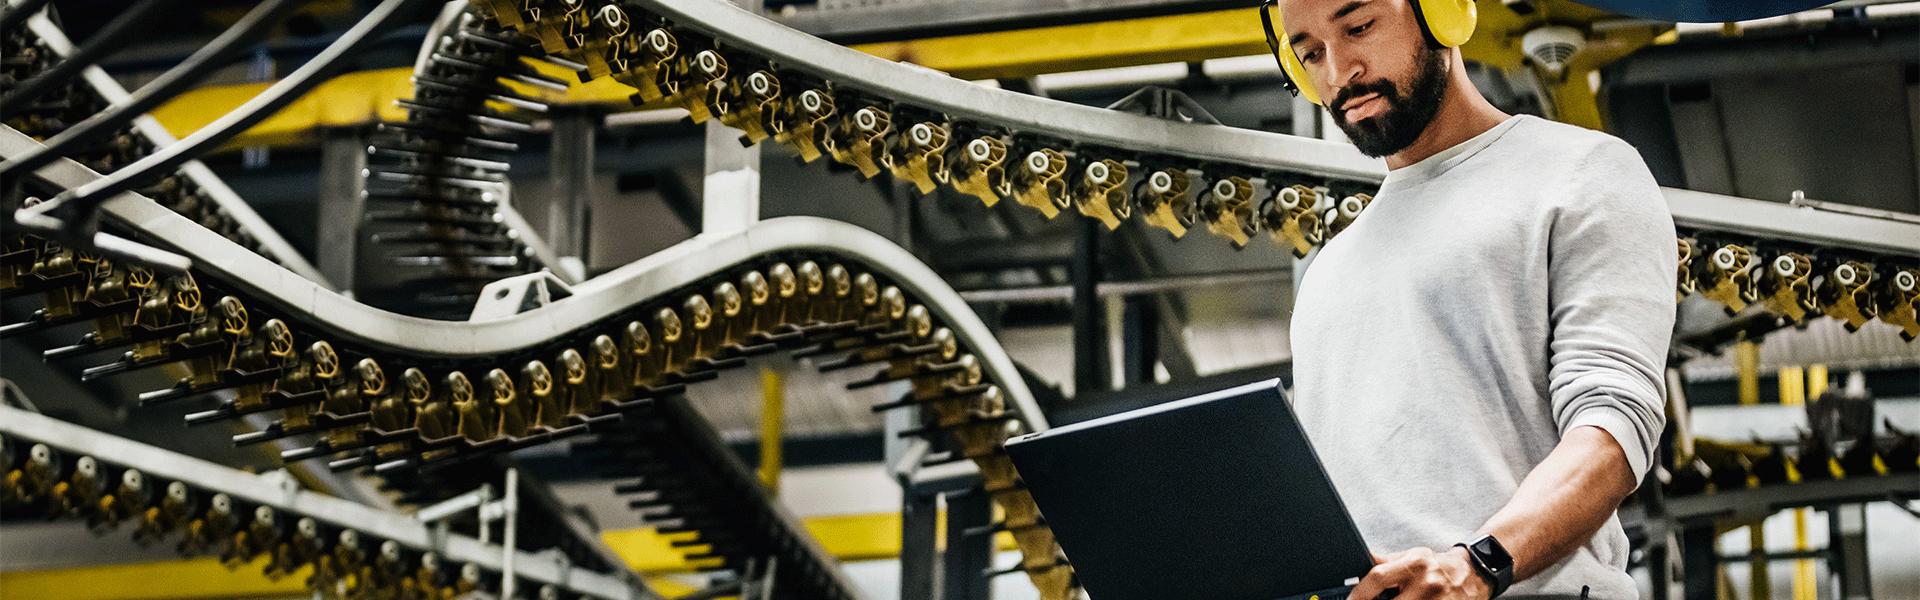 HS-Header-Image-Webinar-Digital-Manufacturing-1920x600